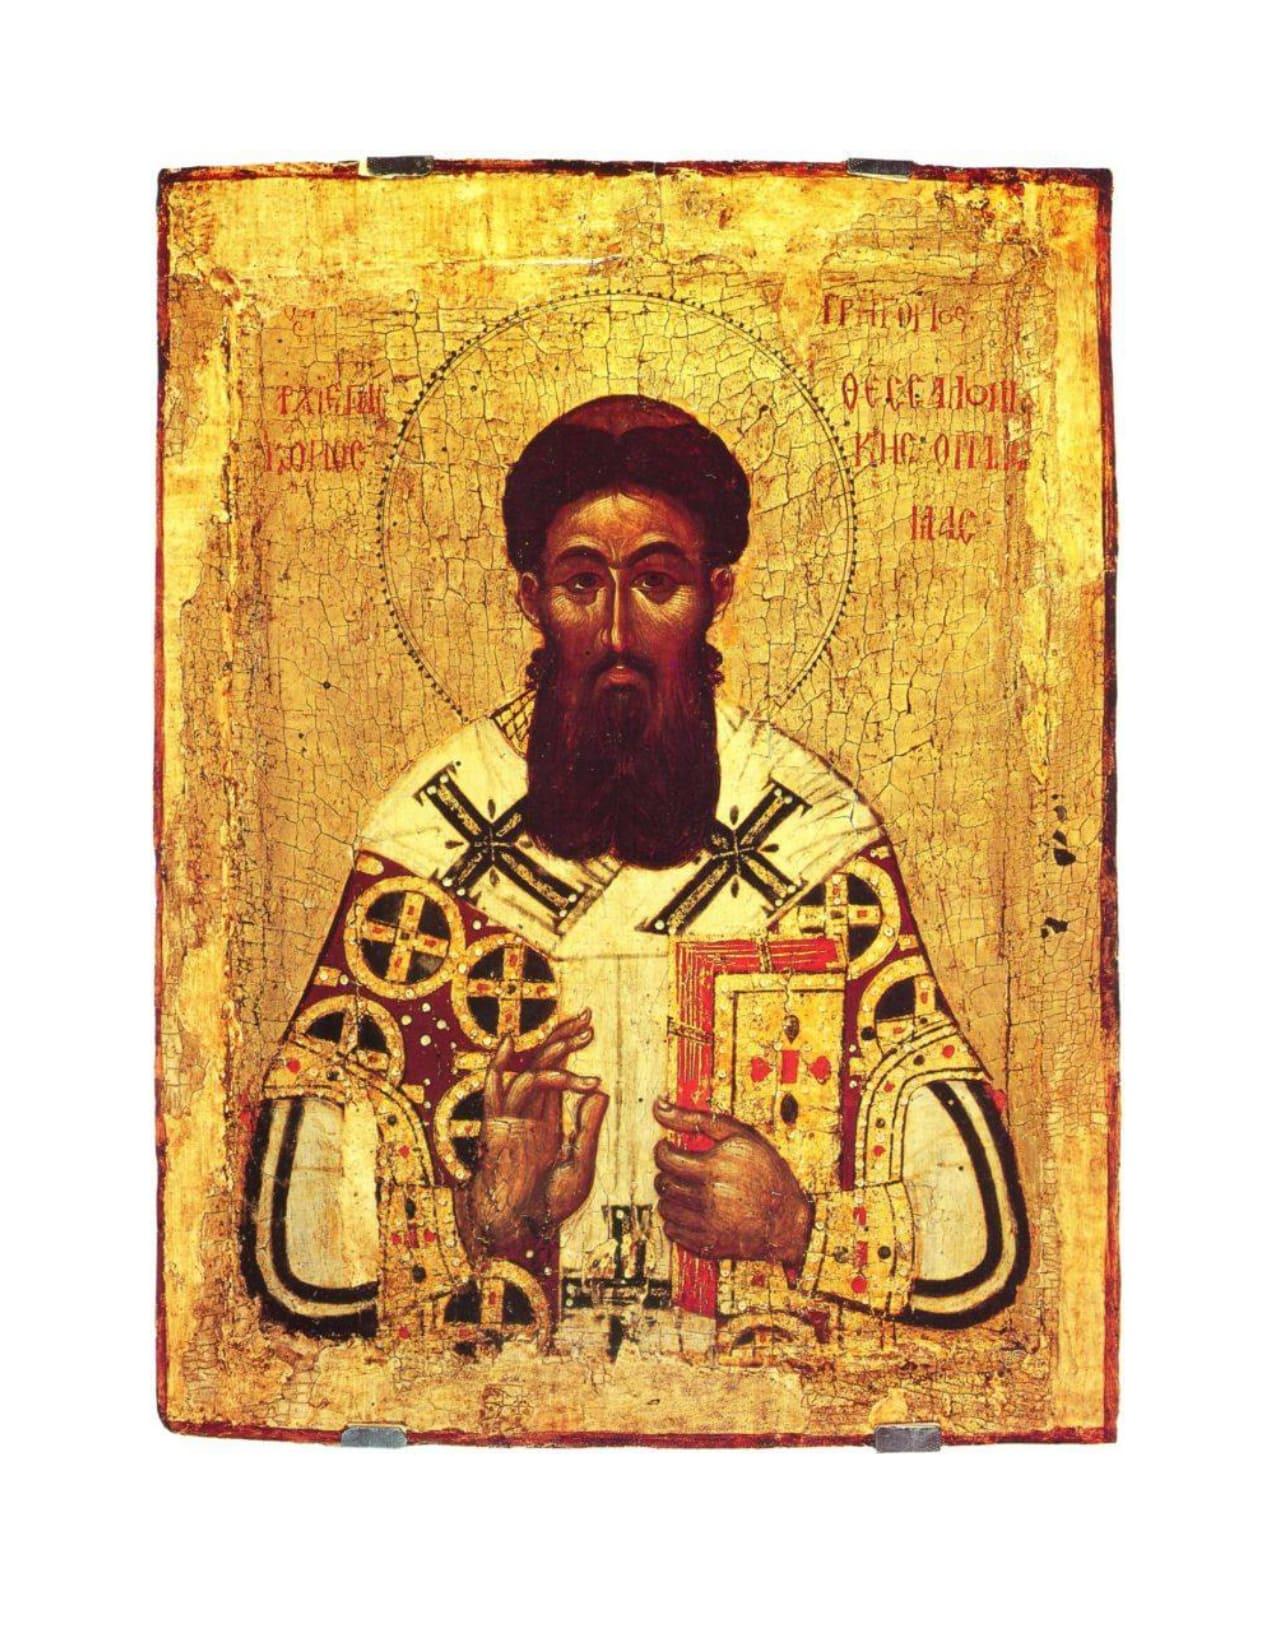 Β' Κυριακή των Νηστειών – Ο Άγιος Γρηγόριος ο Παλαμάς